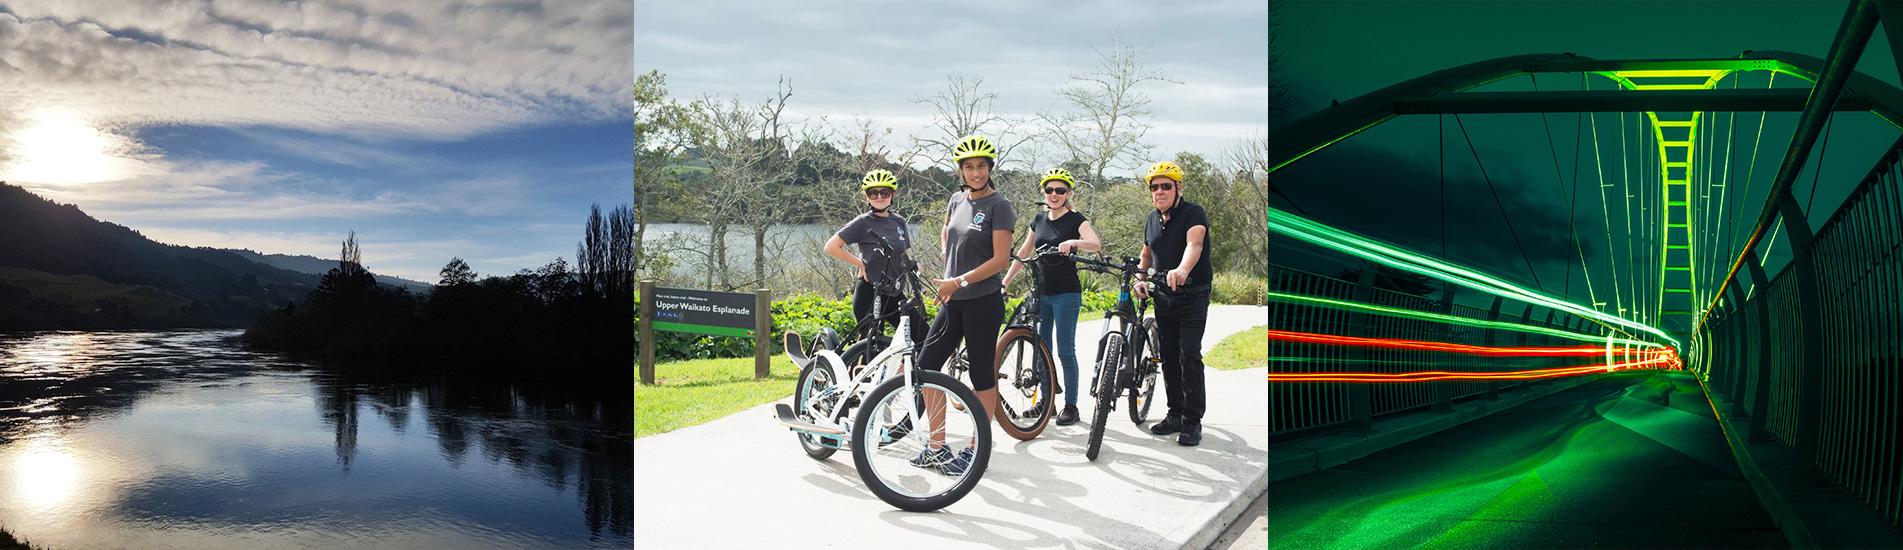 bike-hire-ngaruawahia-river-riders